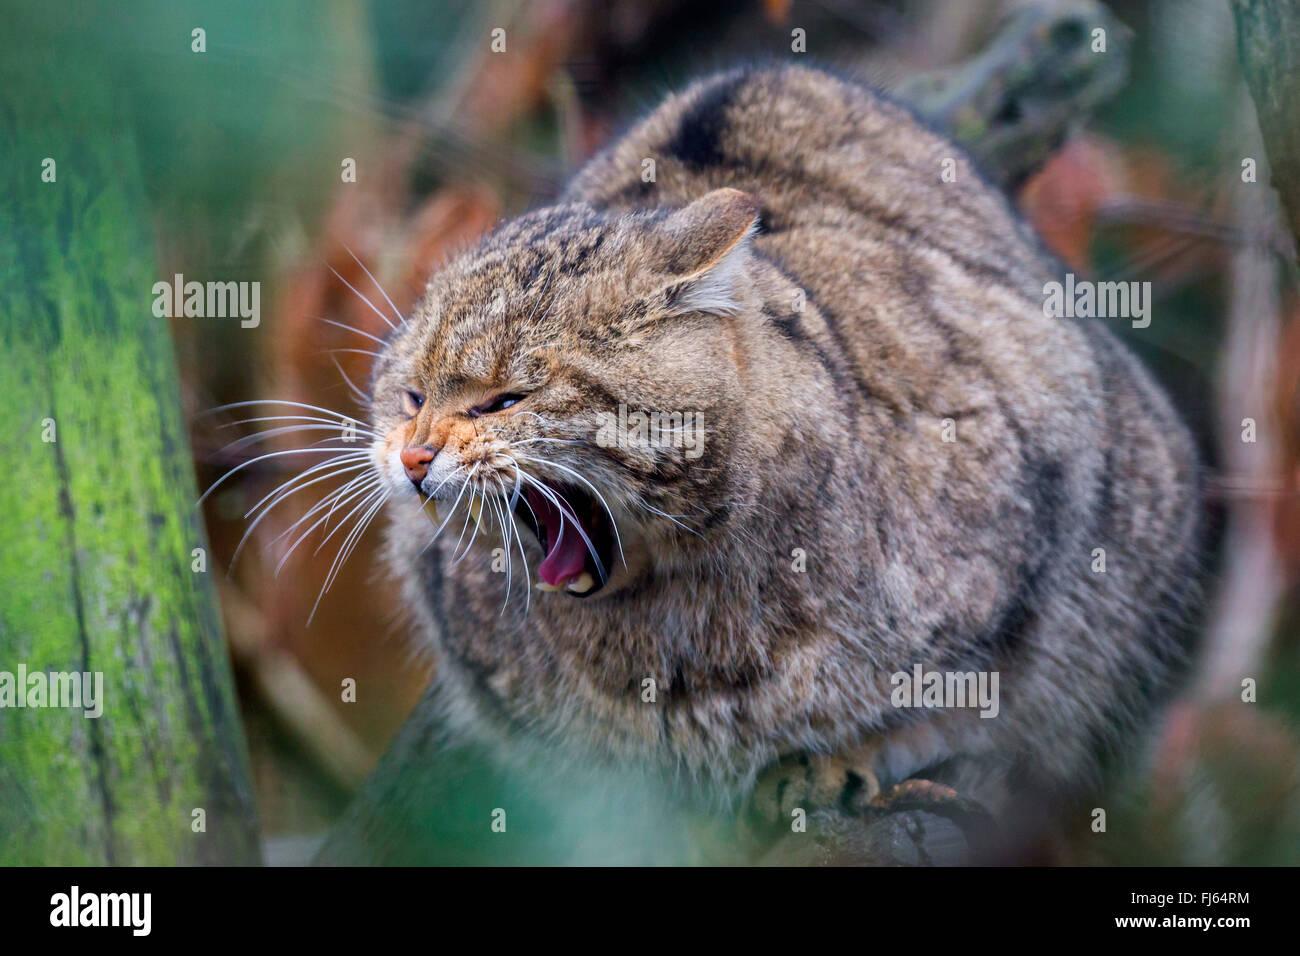 Gato Montés europeo, bosque de gato montés (Felis silvestris silvestris), se asienta sobre un árbol Imagen De Stock